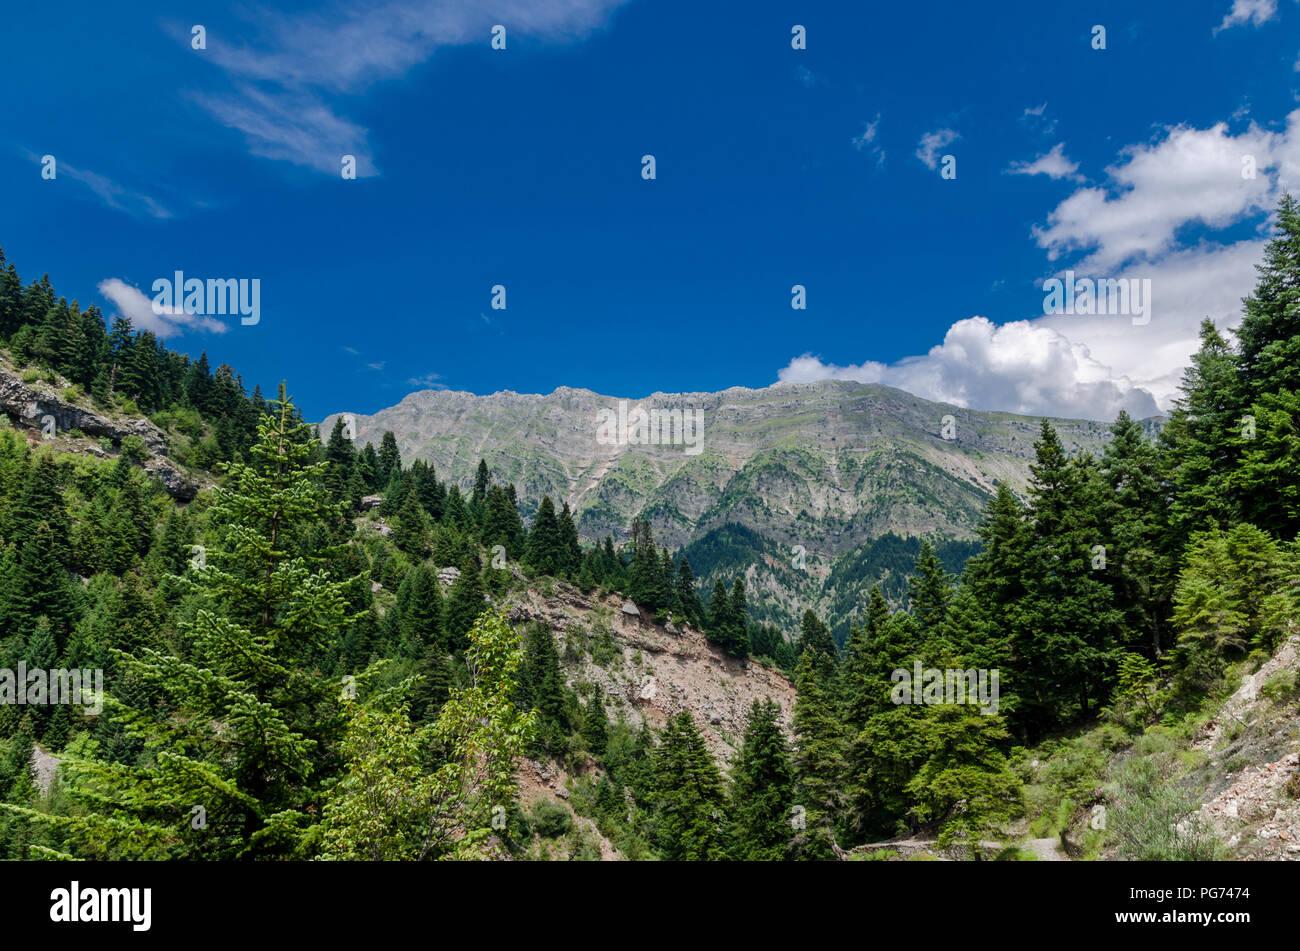 Tzoumerka mountains - Stock Image